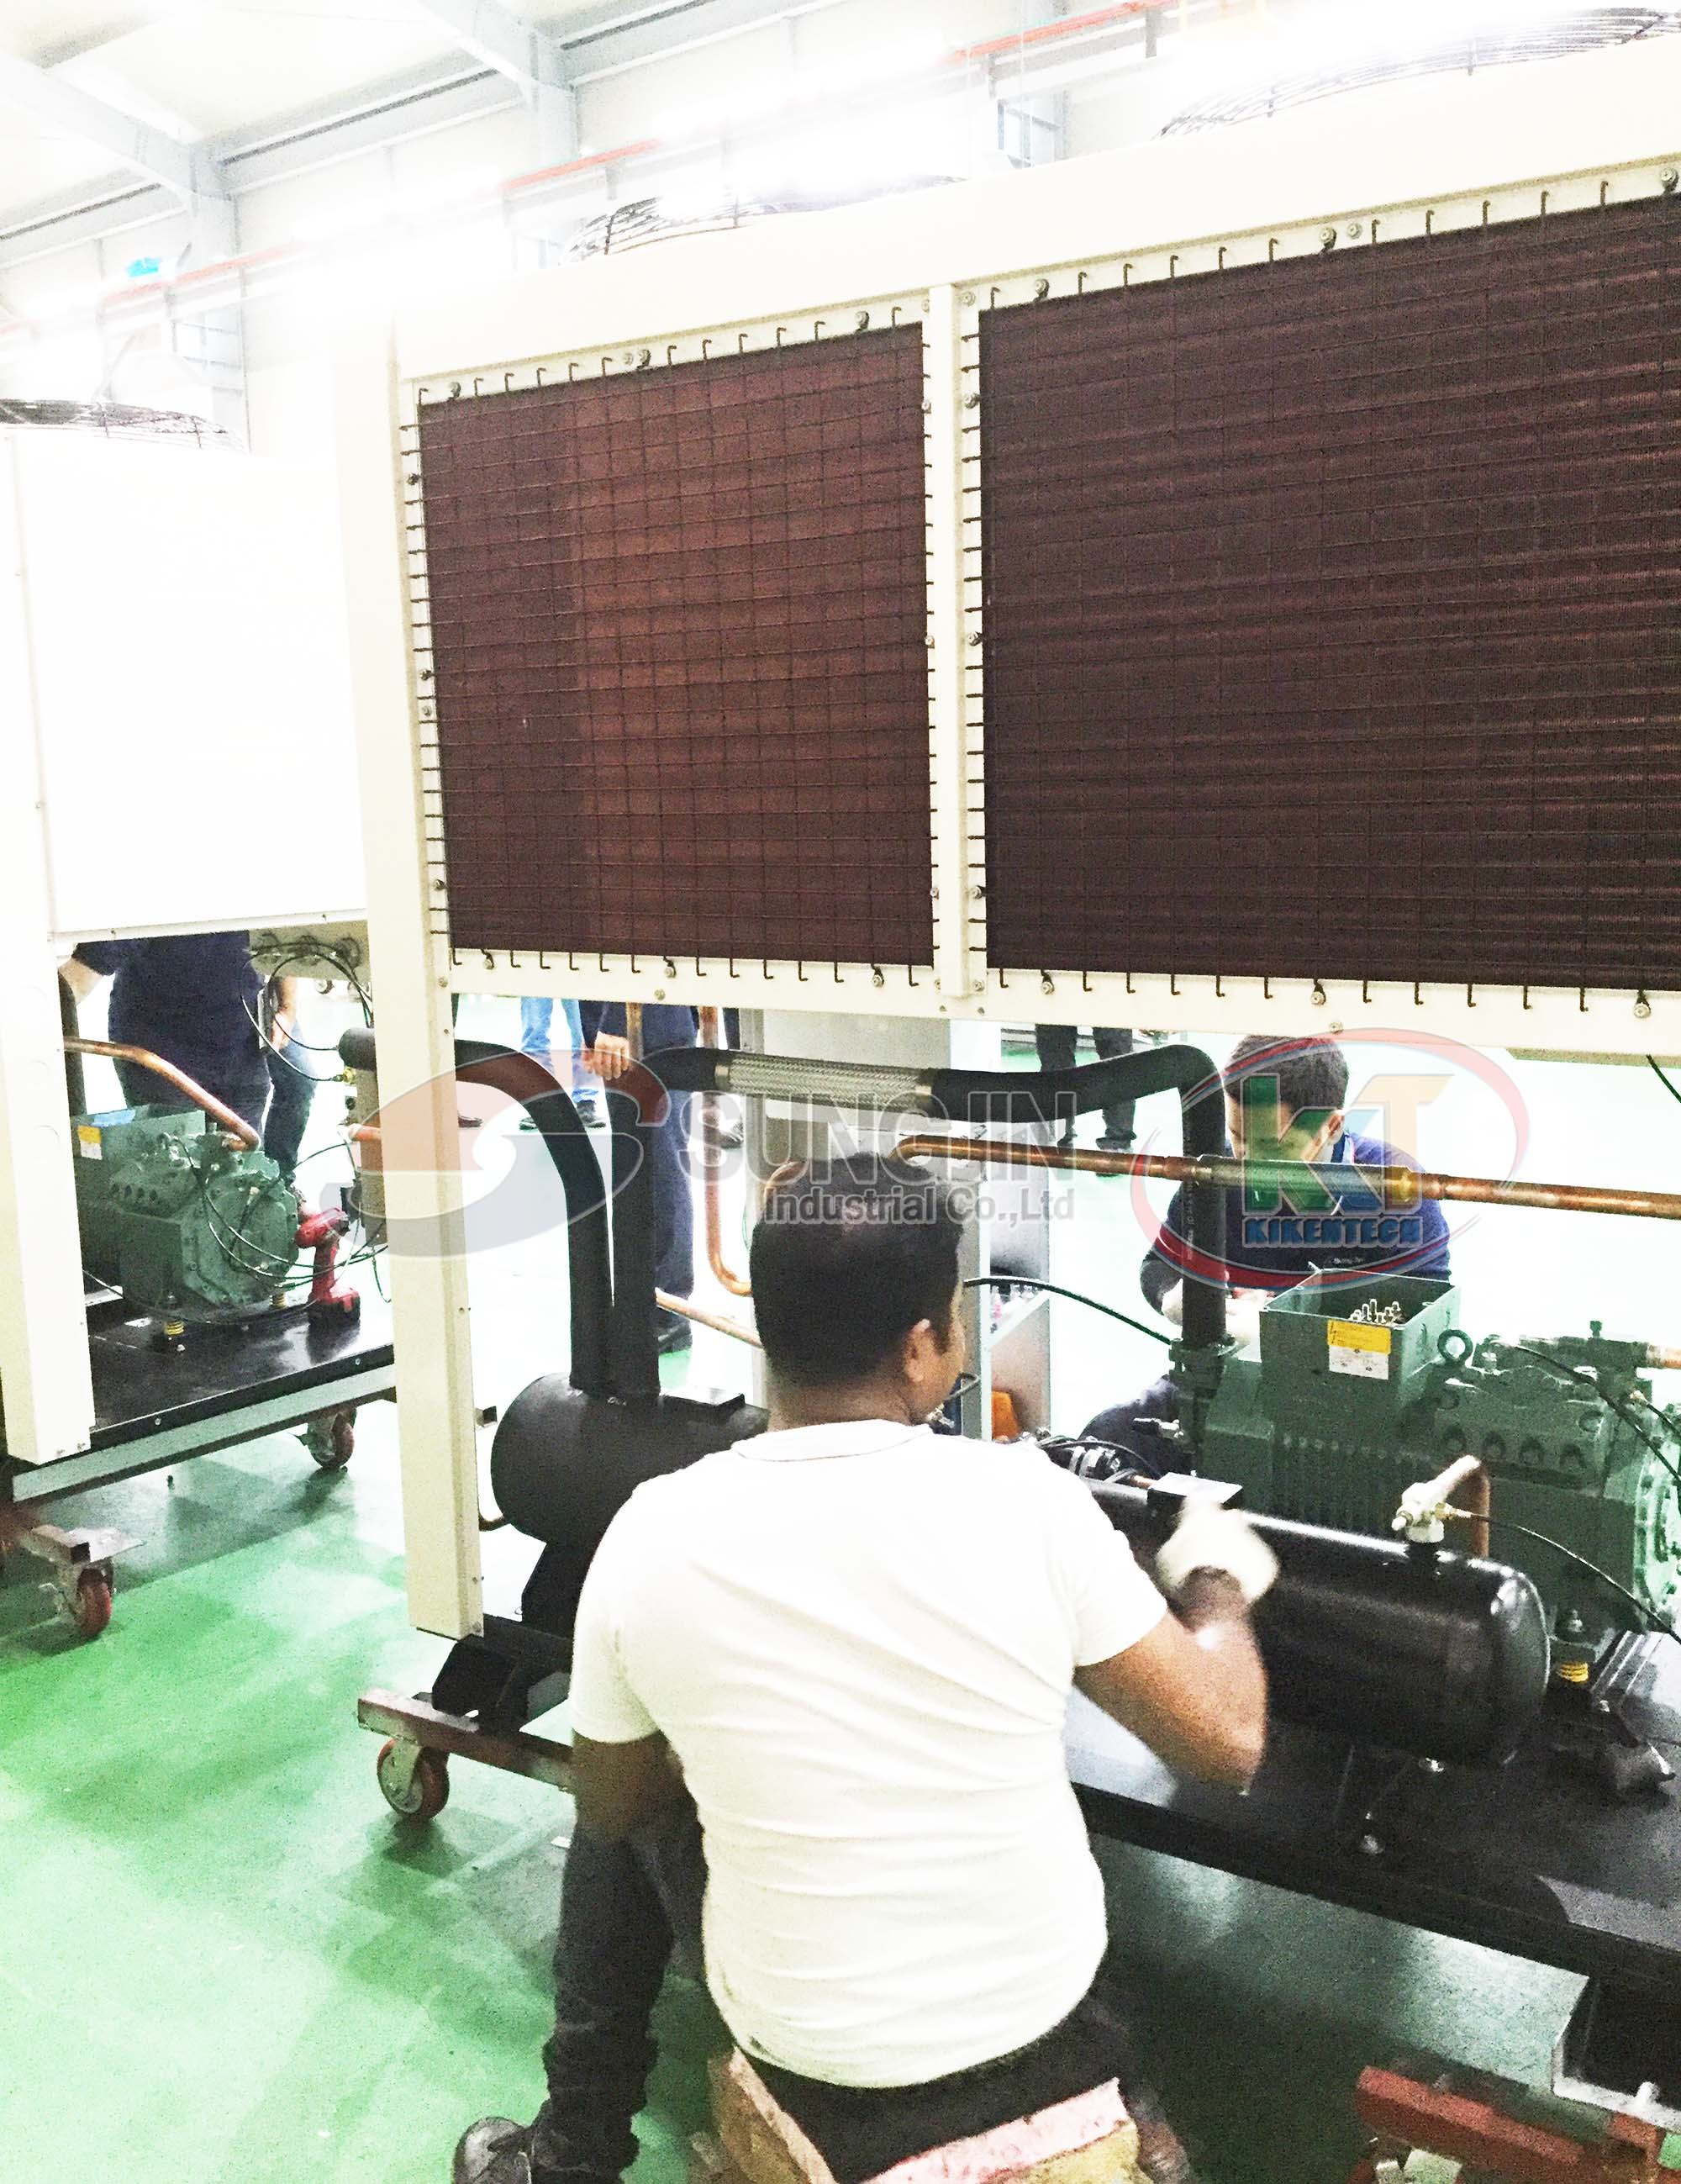 So sánh cụm máy nén dàn ngưng giải nhiệt bằng nước và Cụm máy nén dàn ngưng giải nhiệt bằng gió. Máy nén dàn ngưng làm mát bằng nước, làm mát bằng không khí